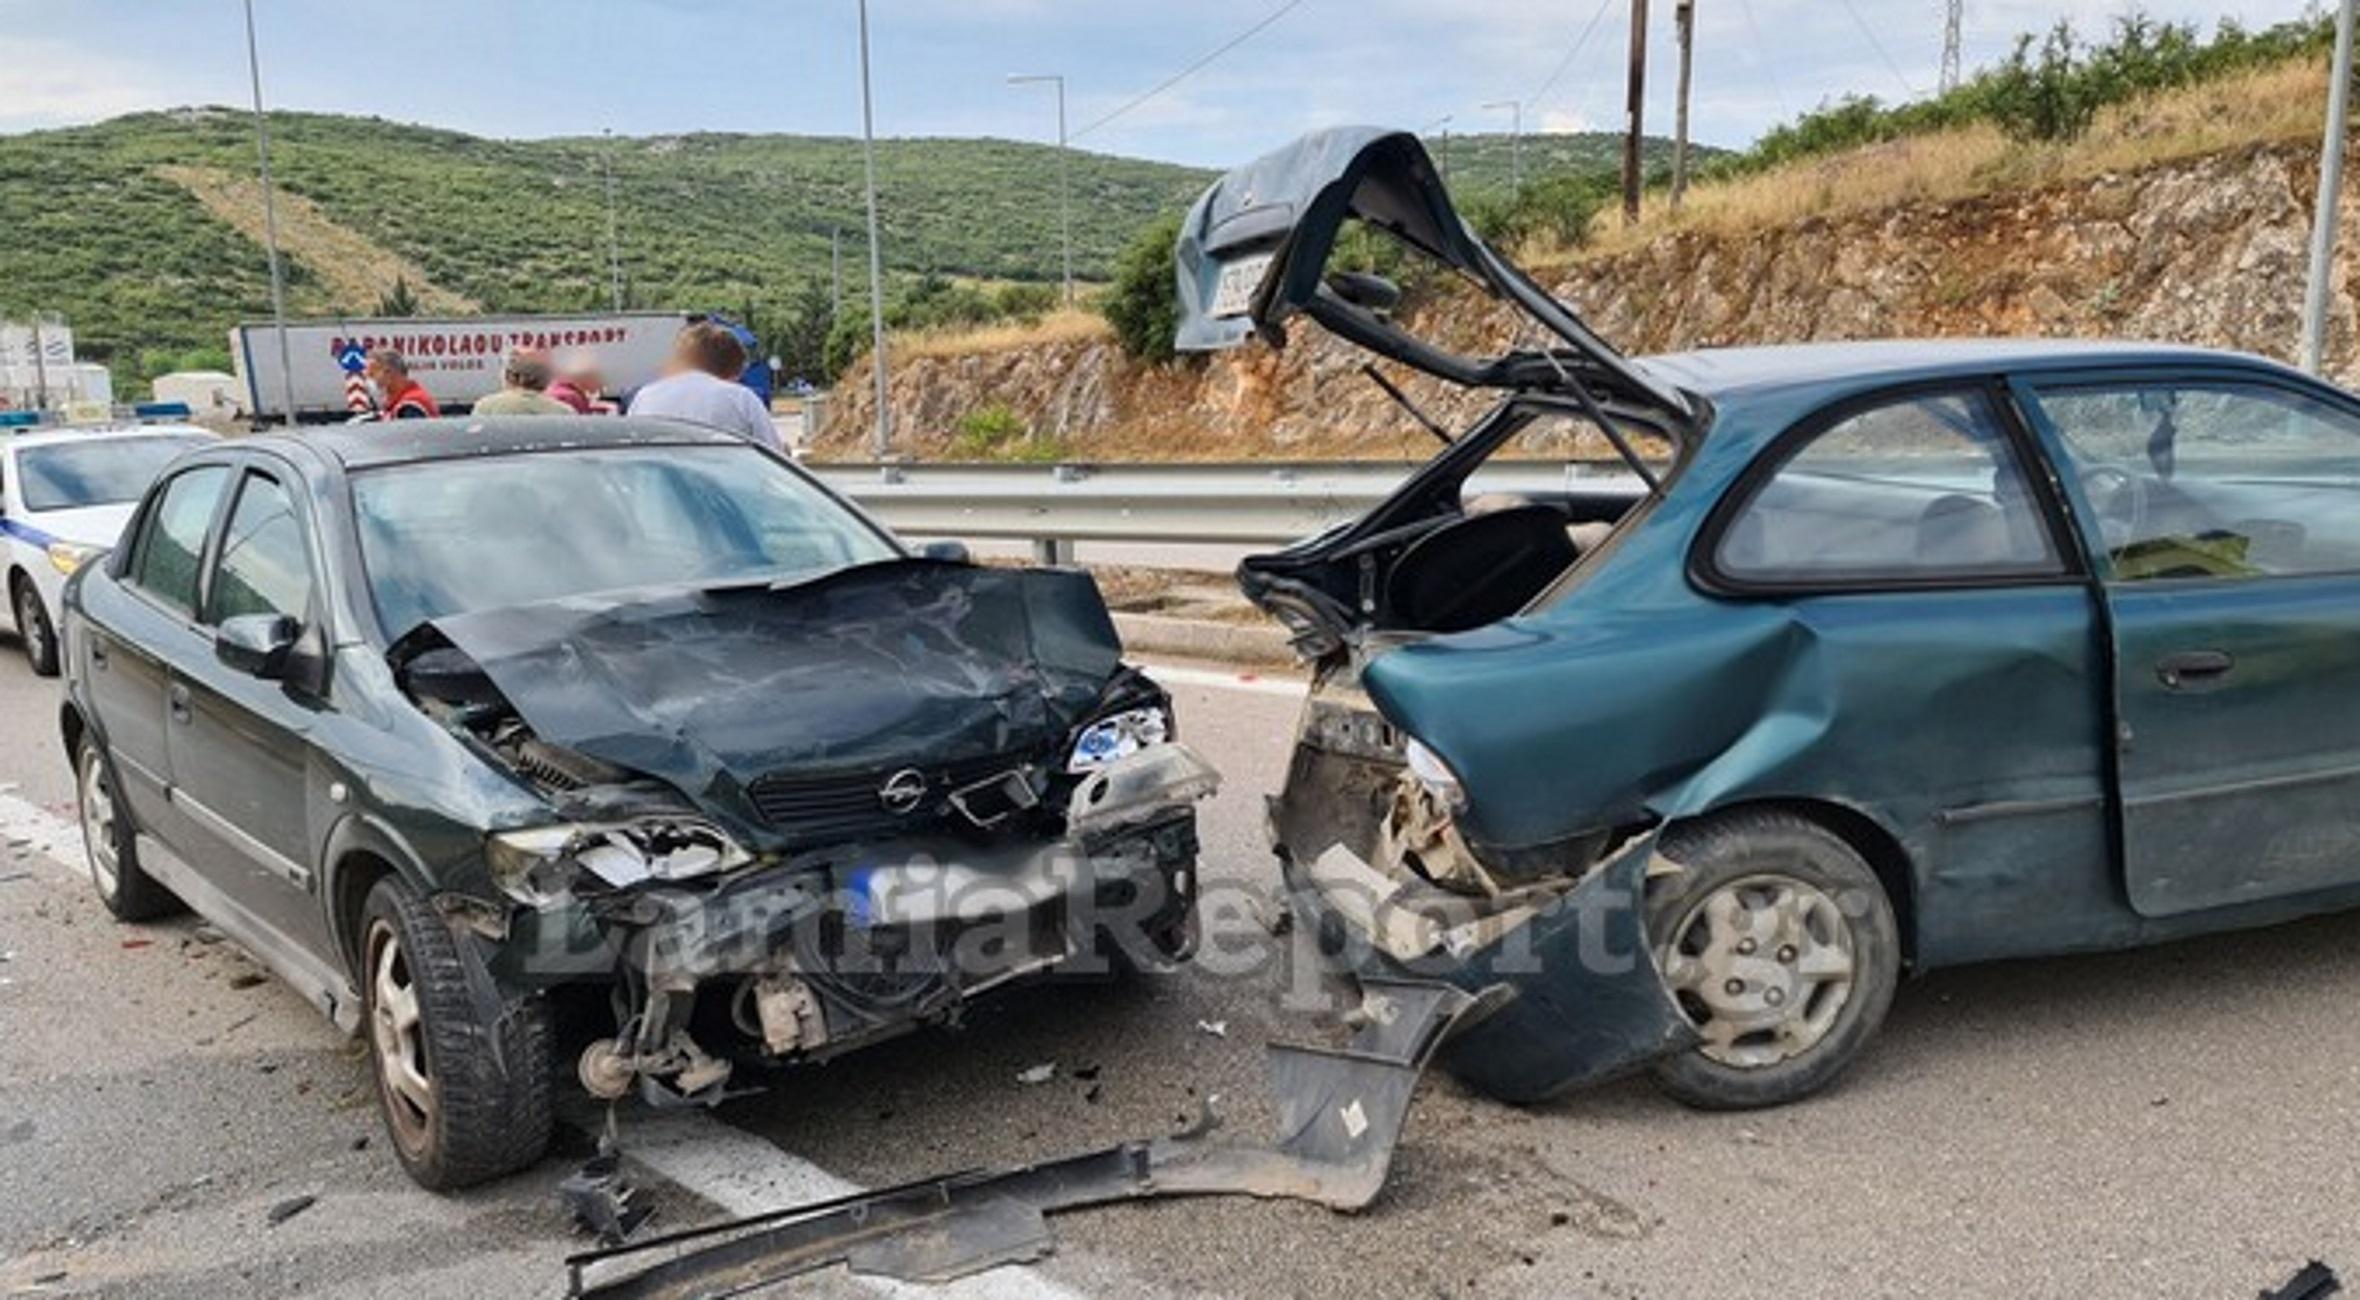 Λαμία: Το ξαφνικό φρενάρισμα έφερε καραμπόλα τριών αυτοκινήτων – Δείτε εικόνες από το σημείο